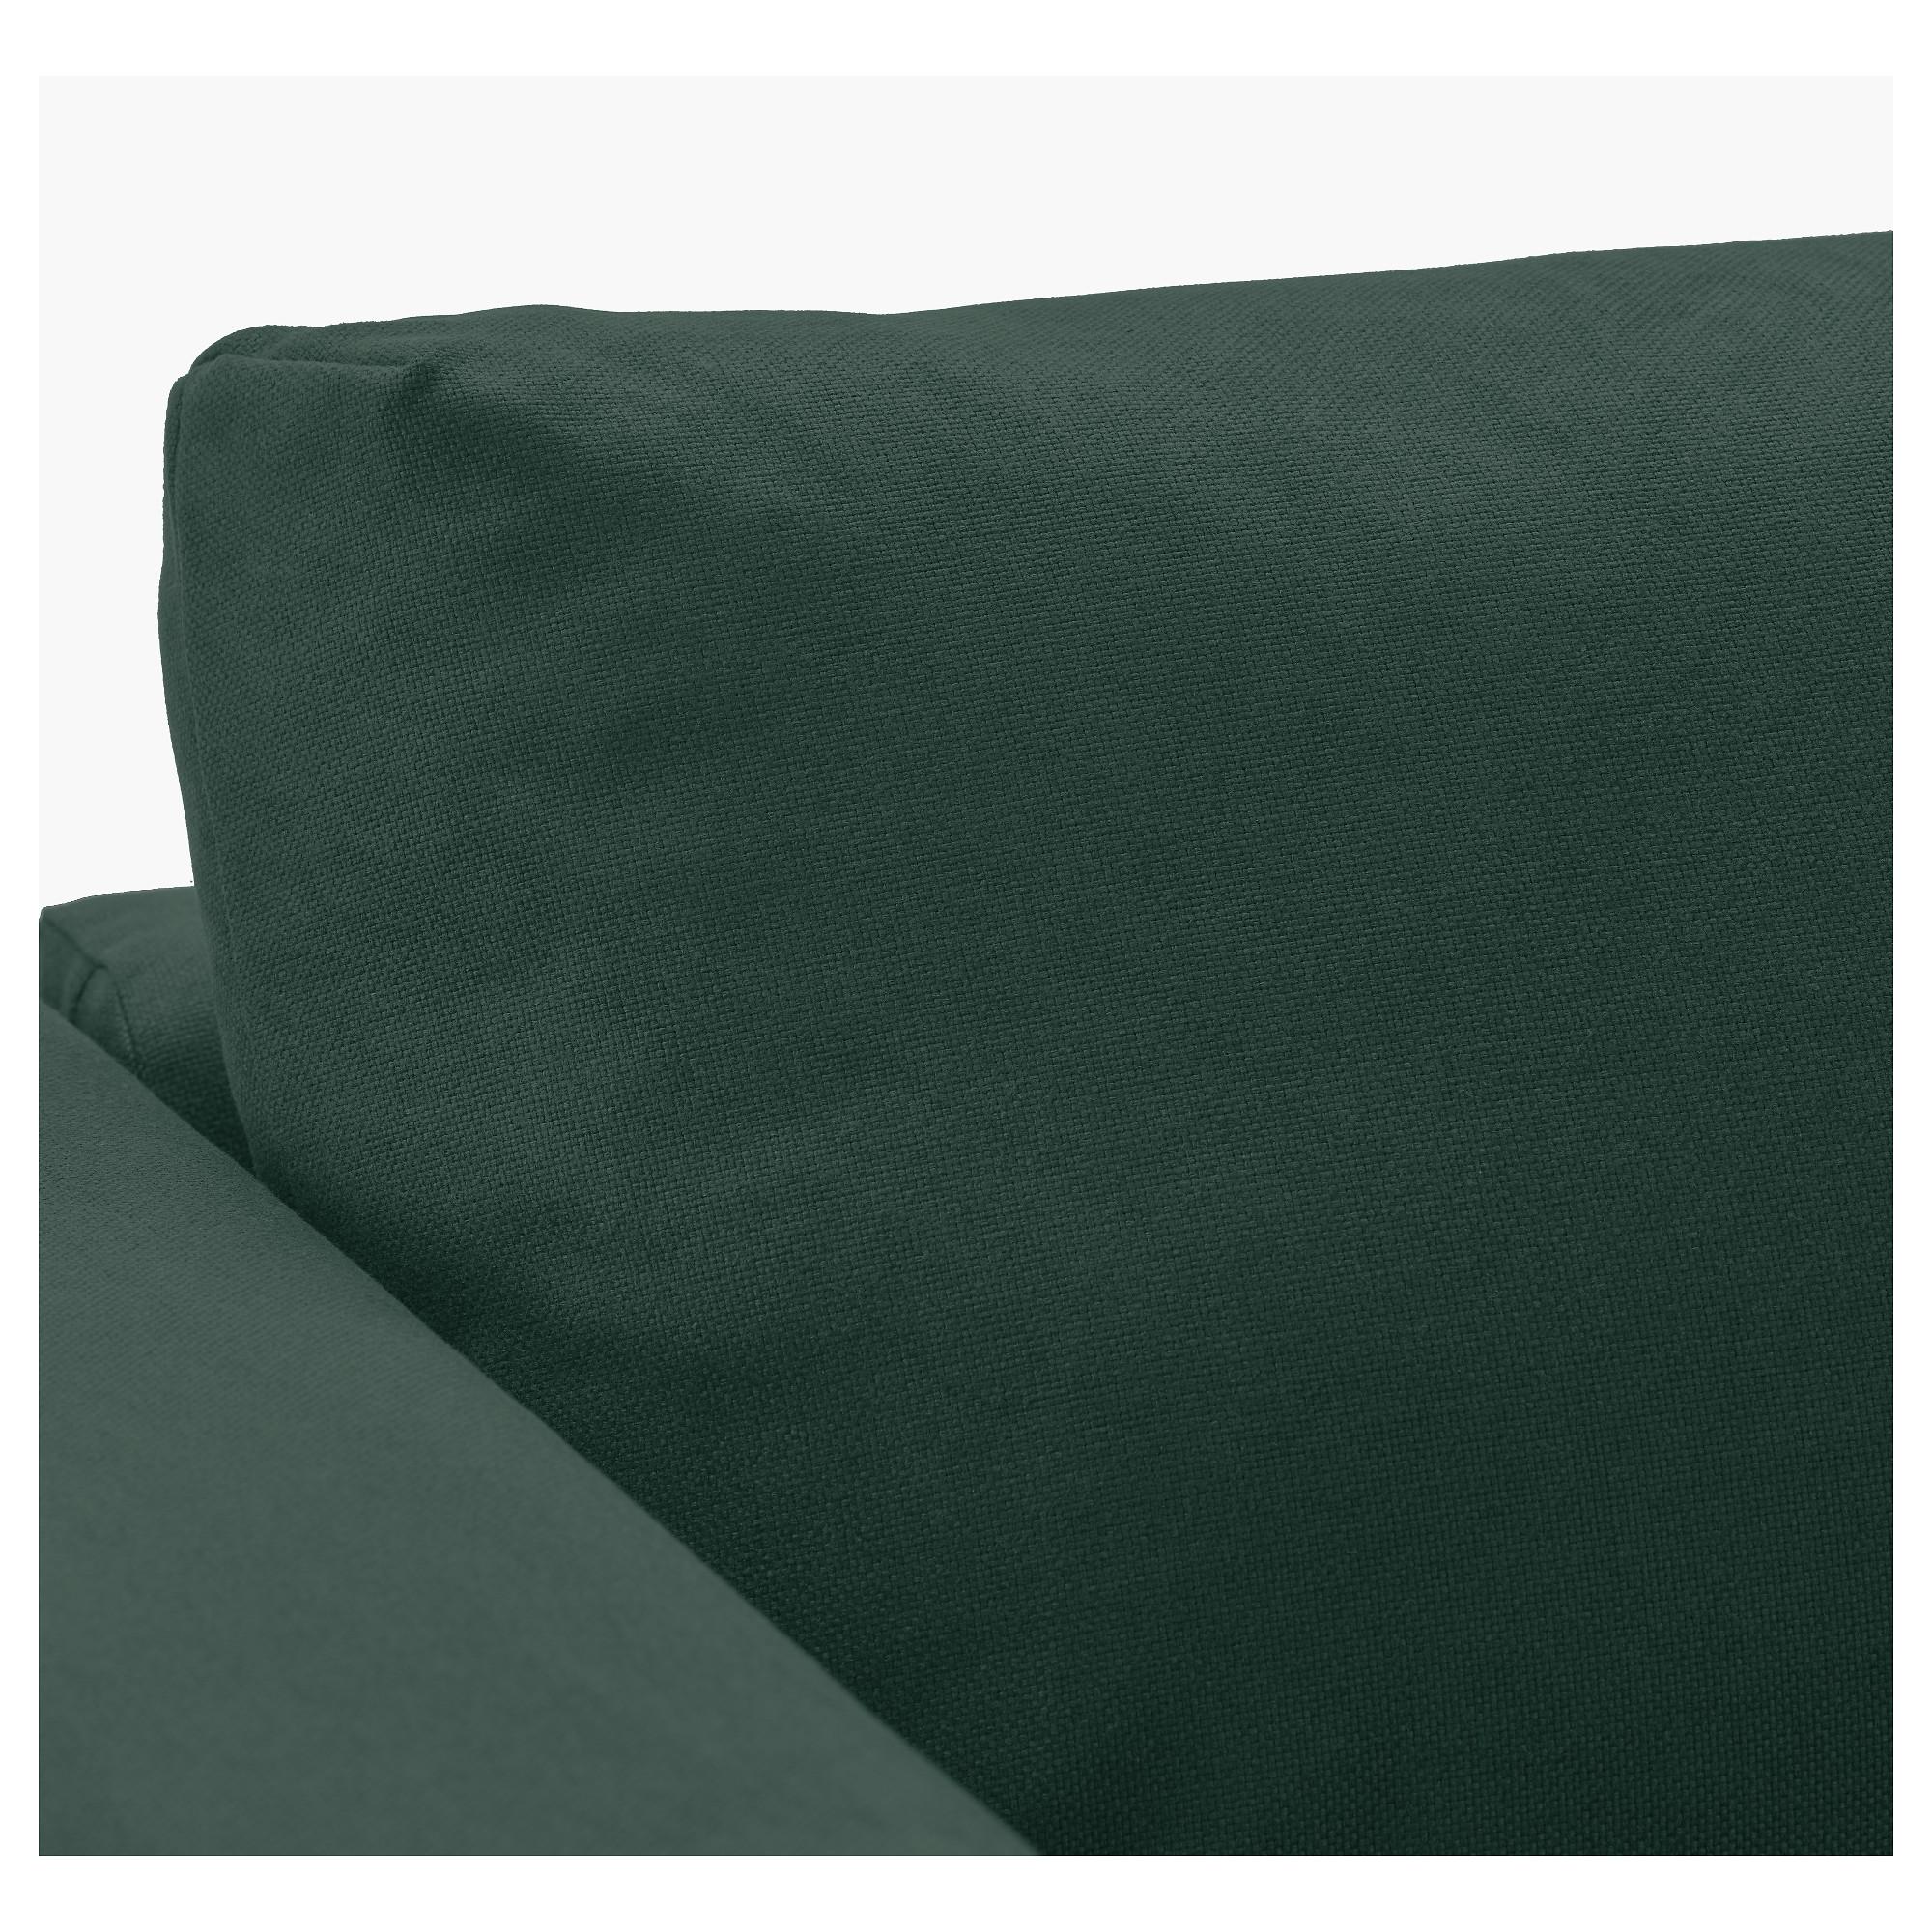 d13e03bd8aa7 Купить 3-местный диван ВИМЛЕ, с козеткой, Гуннаред темно-зеленый в ...